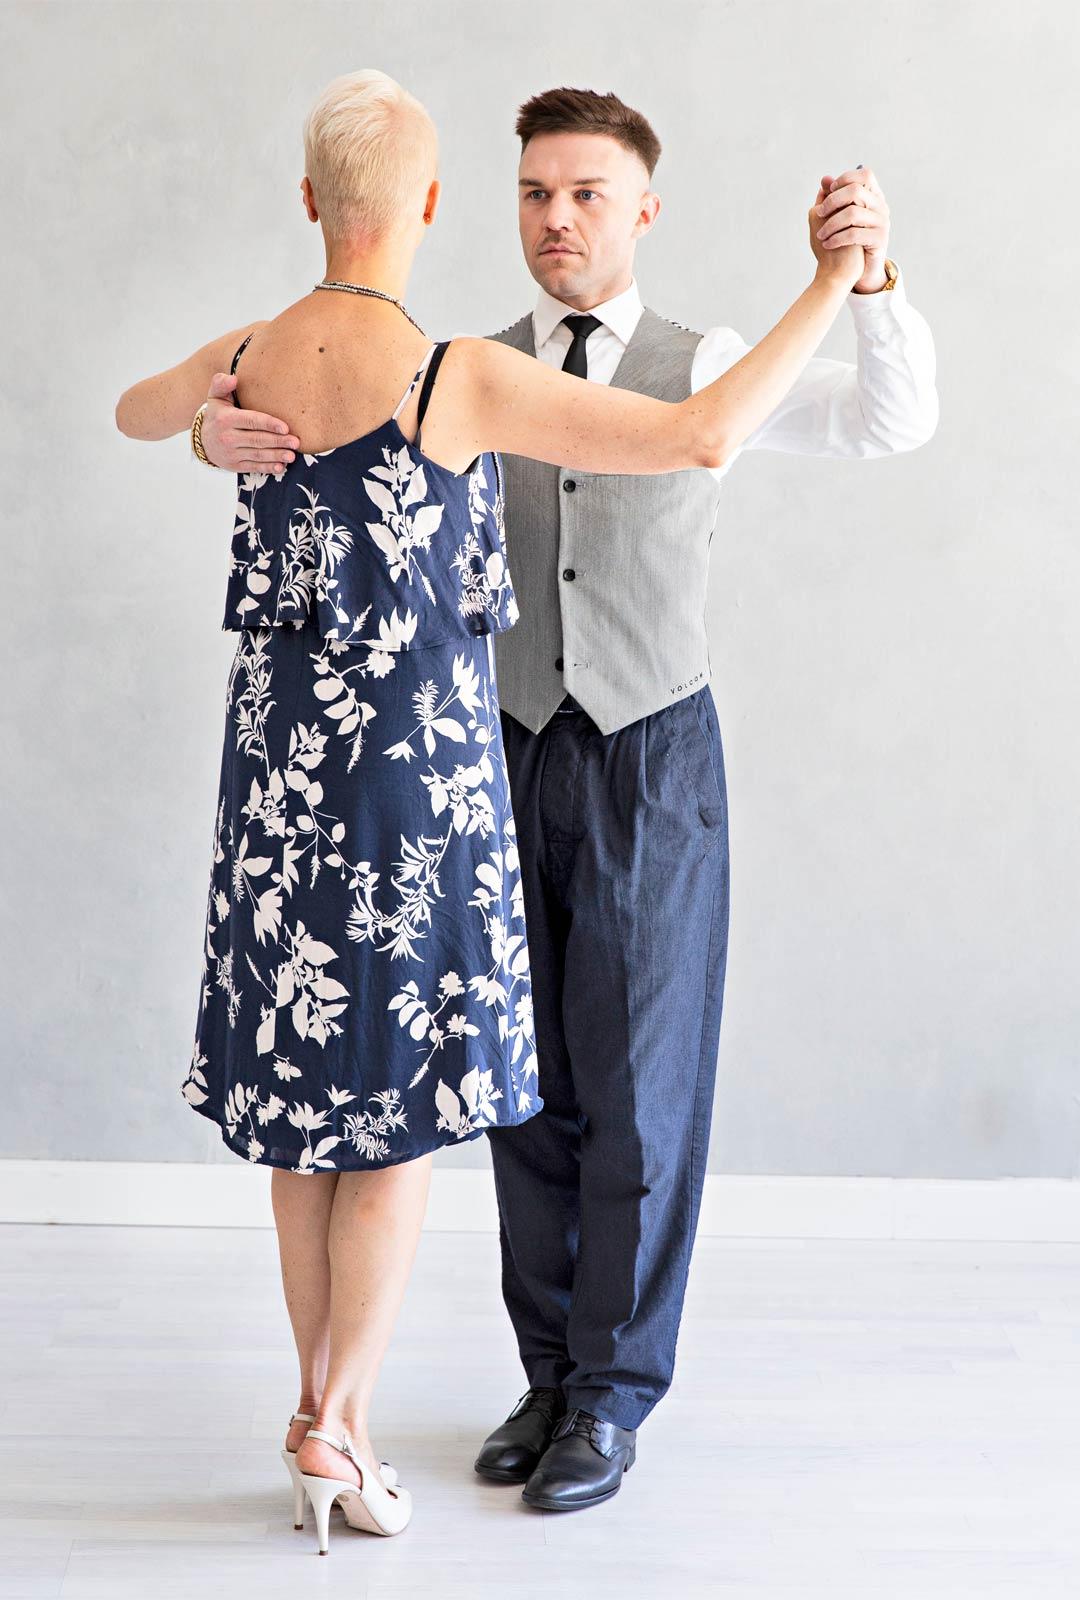 Susa Matson ja Topi Viermaa